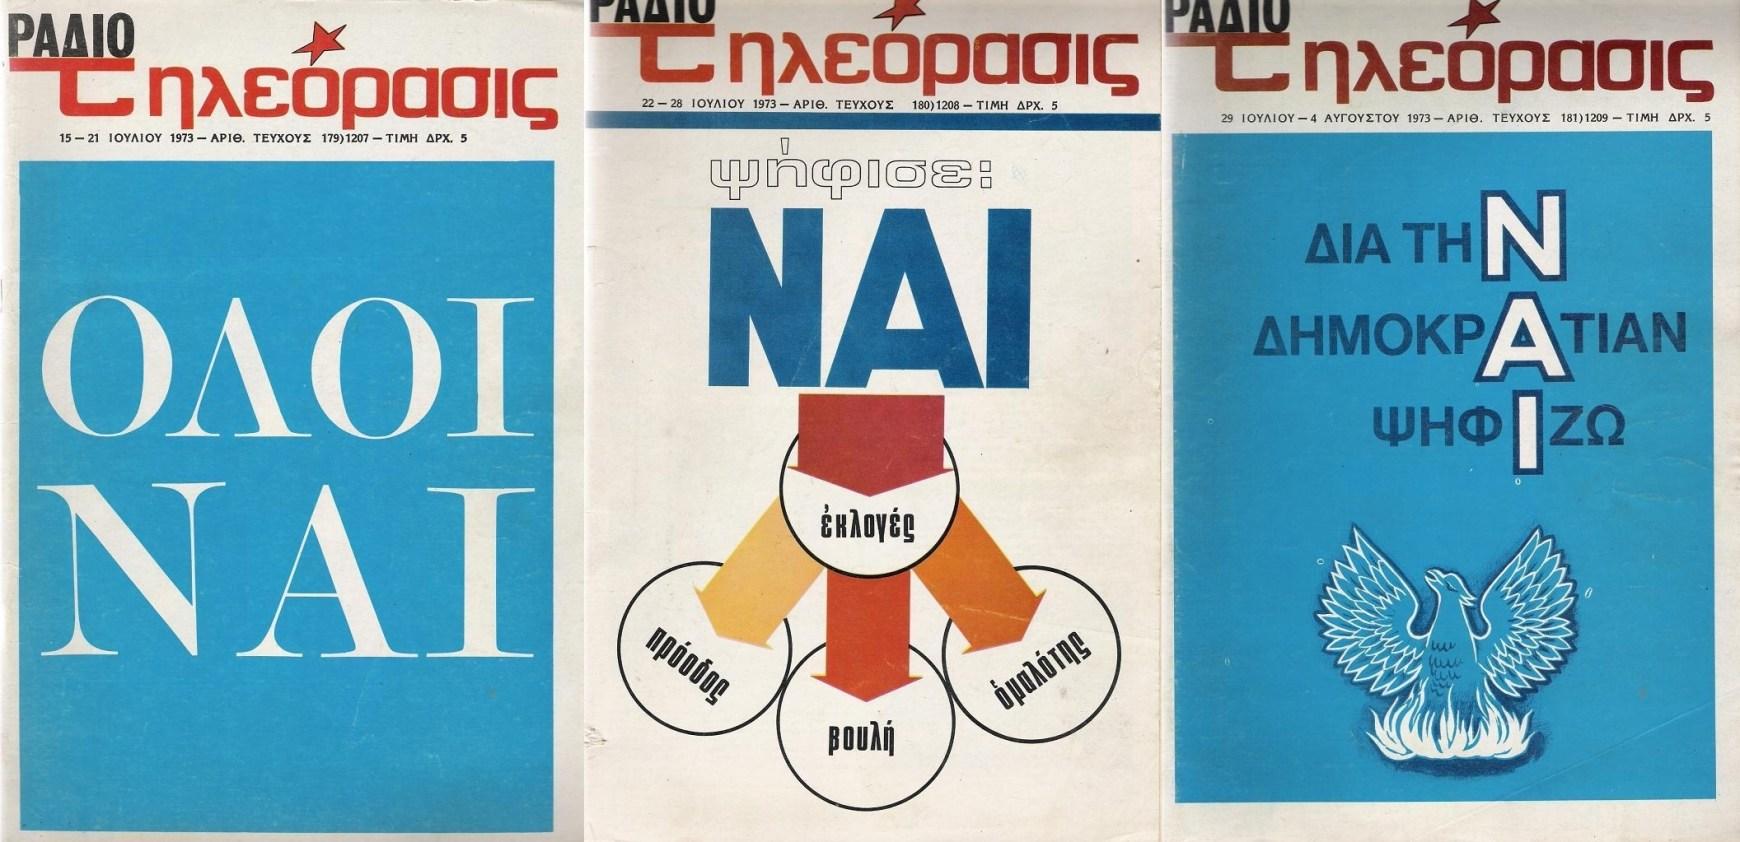 Εξώφυλλα του κρατικού περιοδικού Ραδιοτηλεόραση (15, 22 και